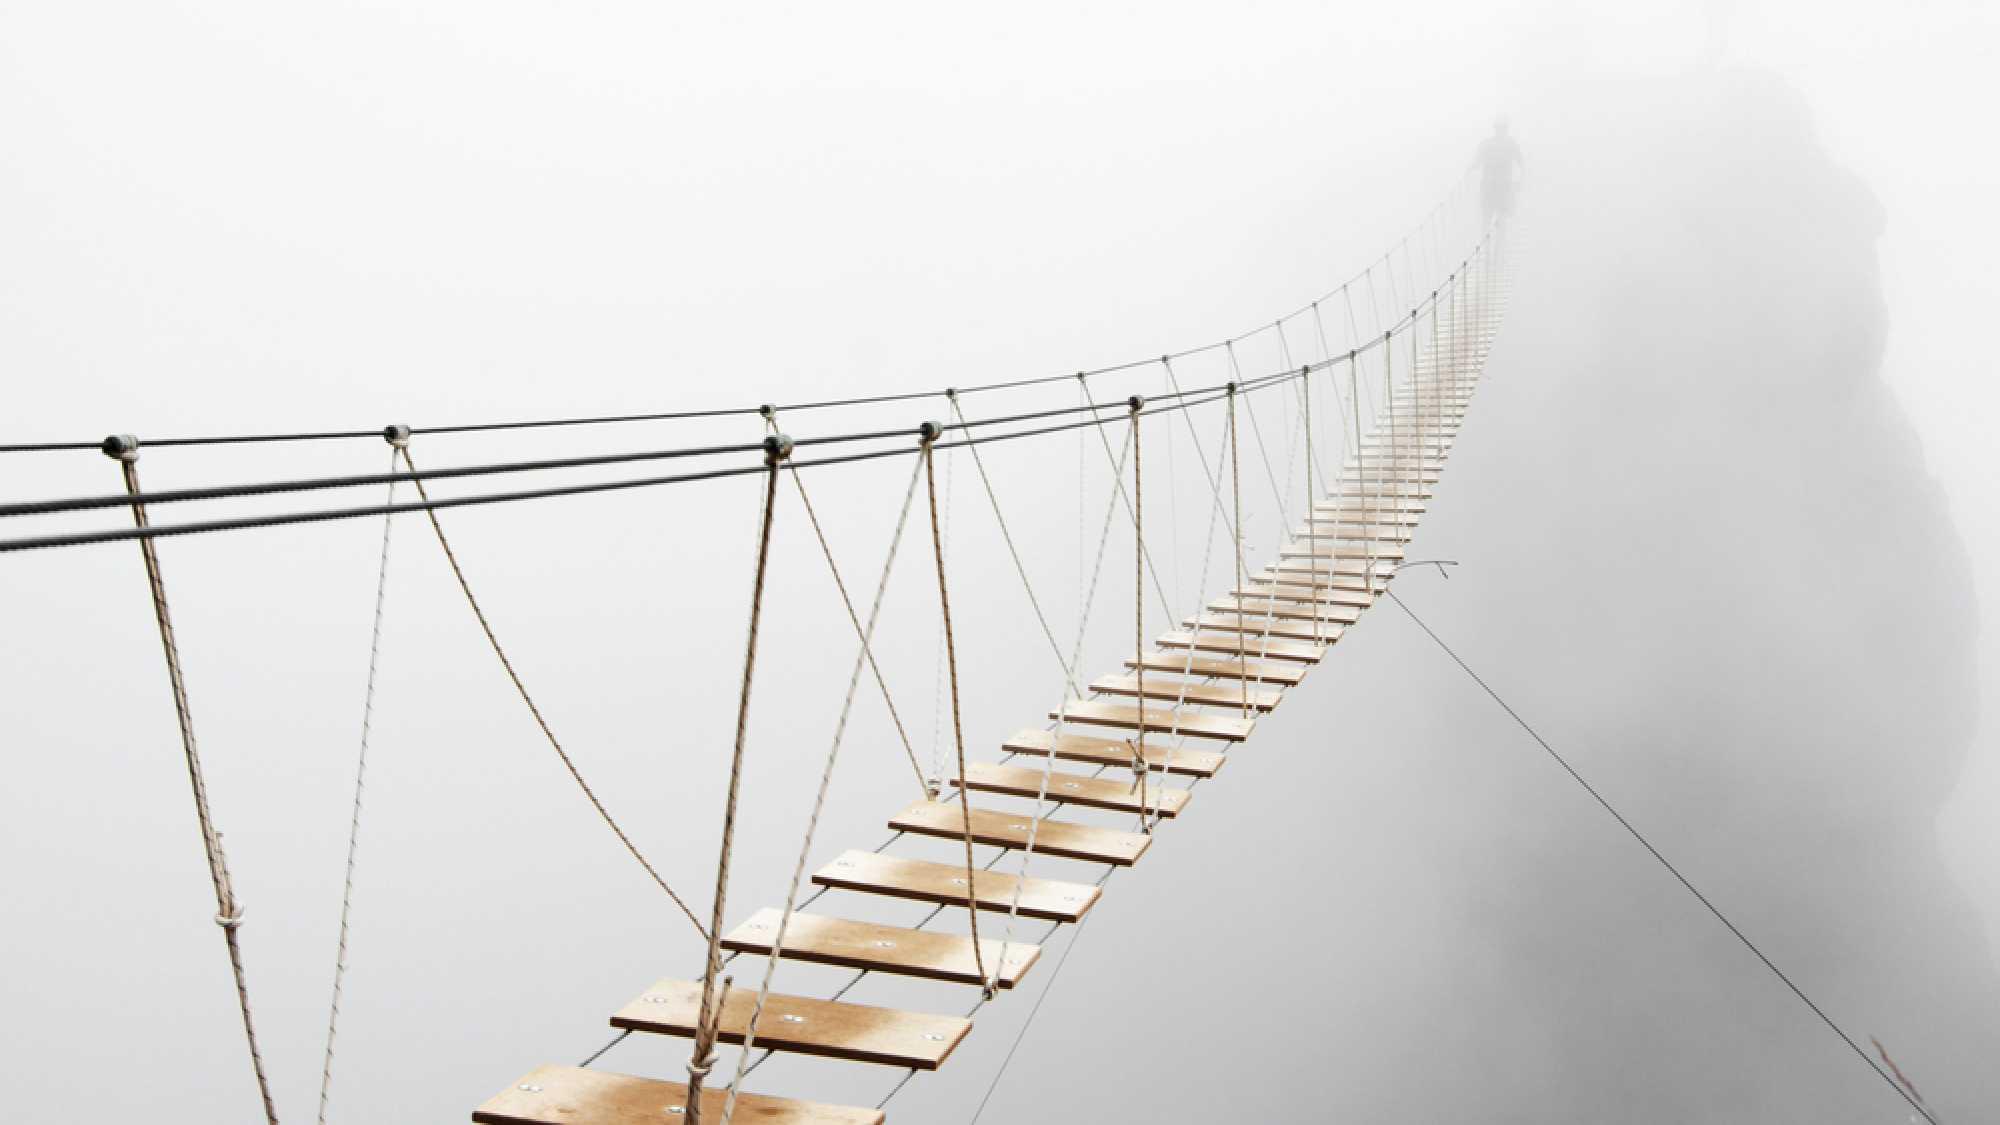 Unsicherheit, Brücke, Steg